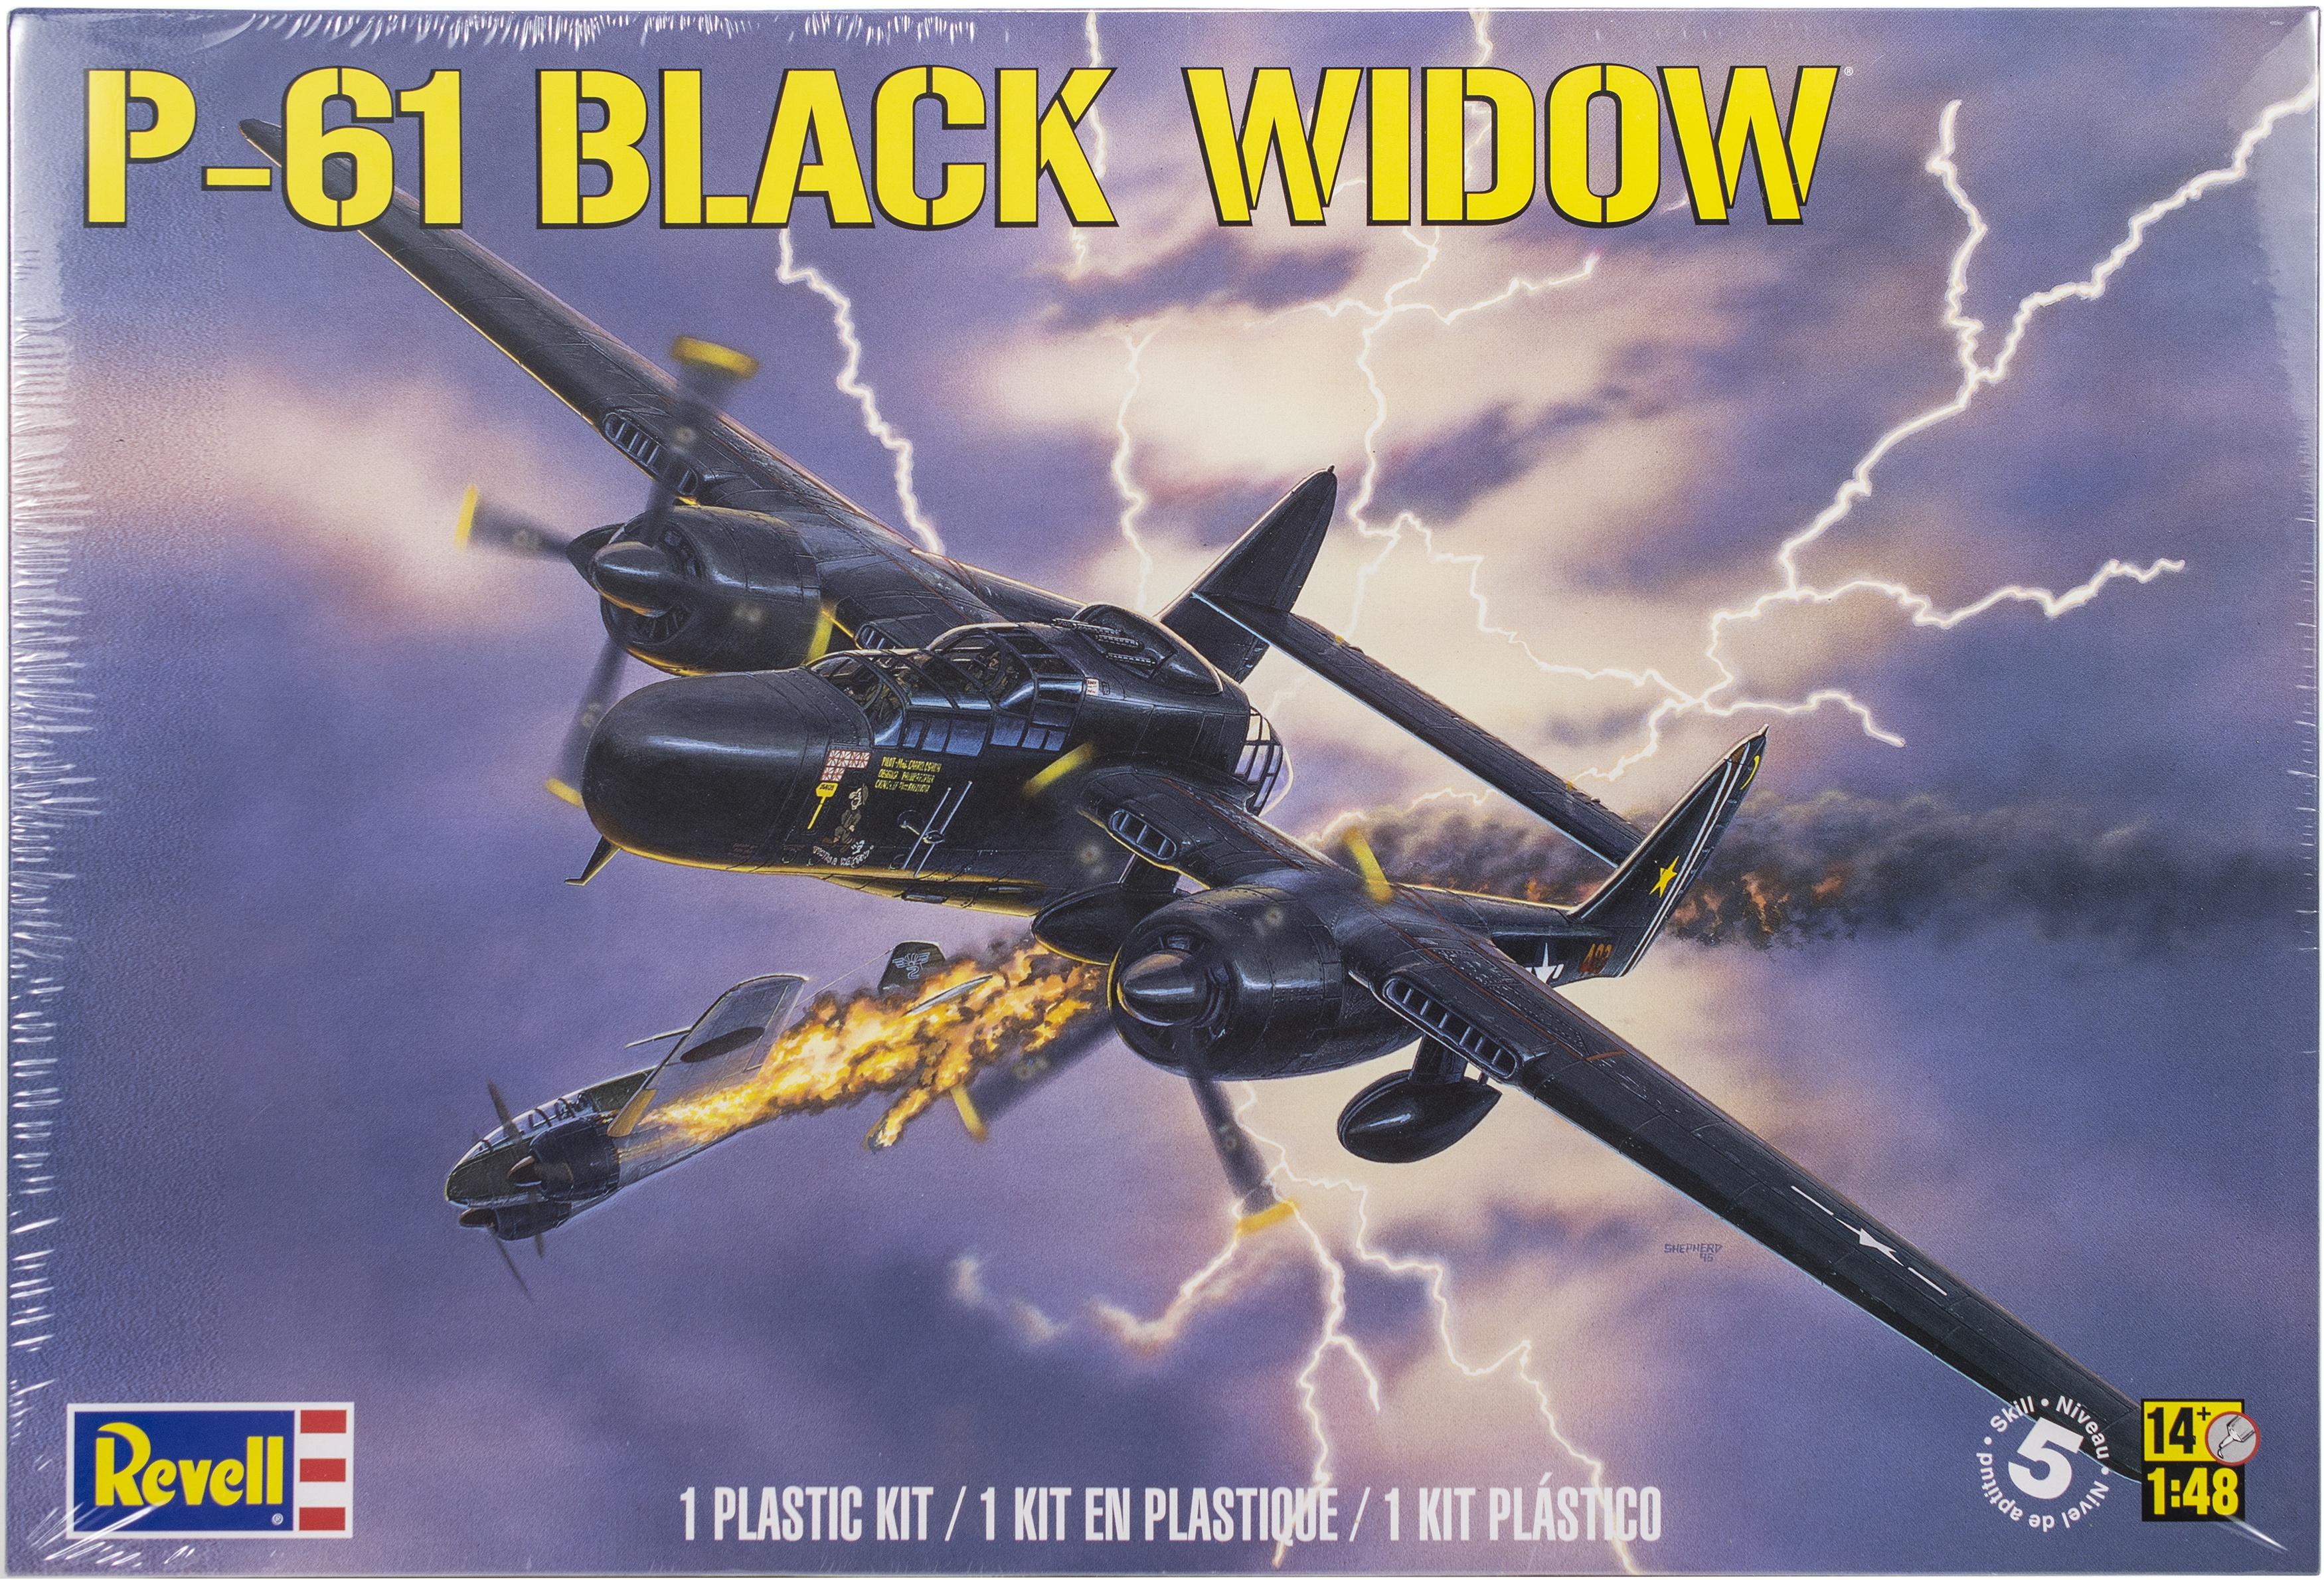 Plastic Model Kit-P-61 Black Widow 1:48